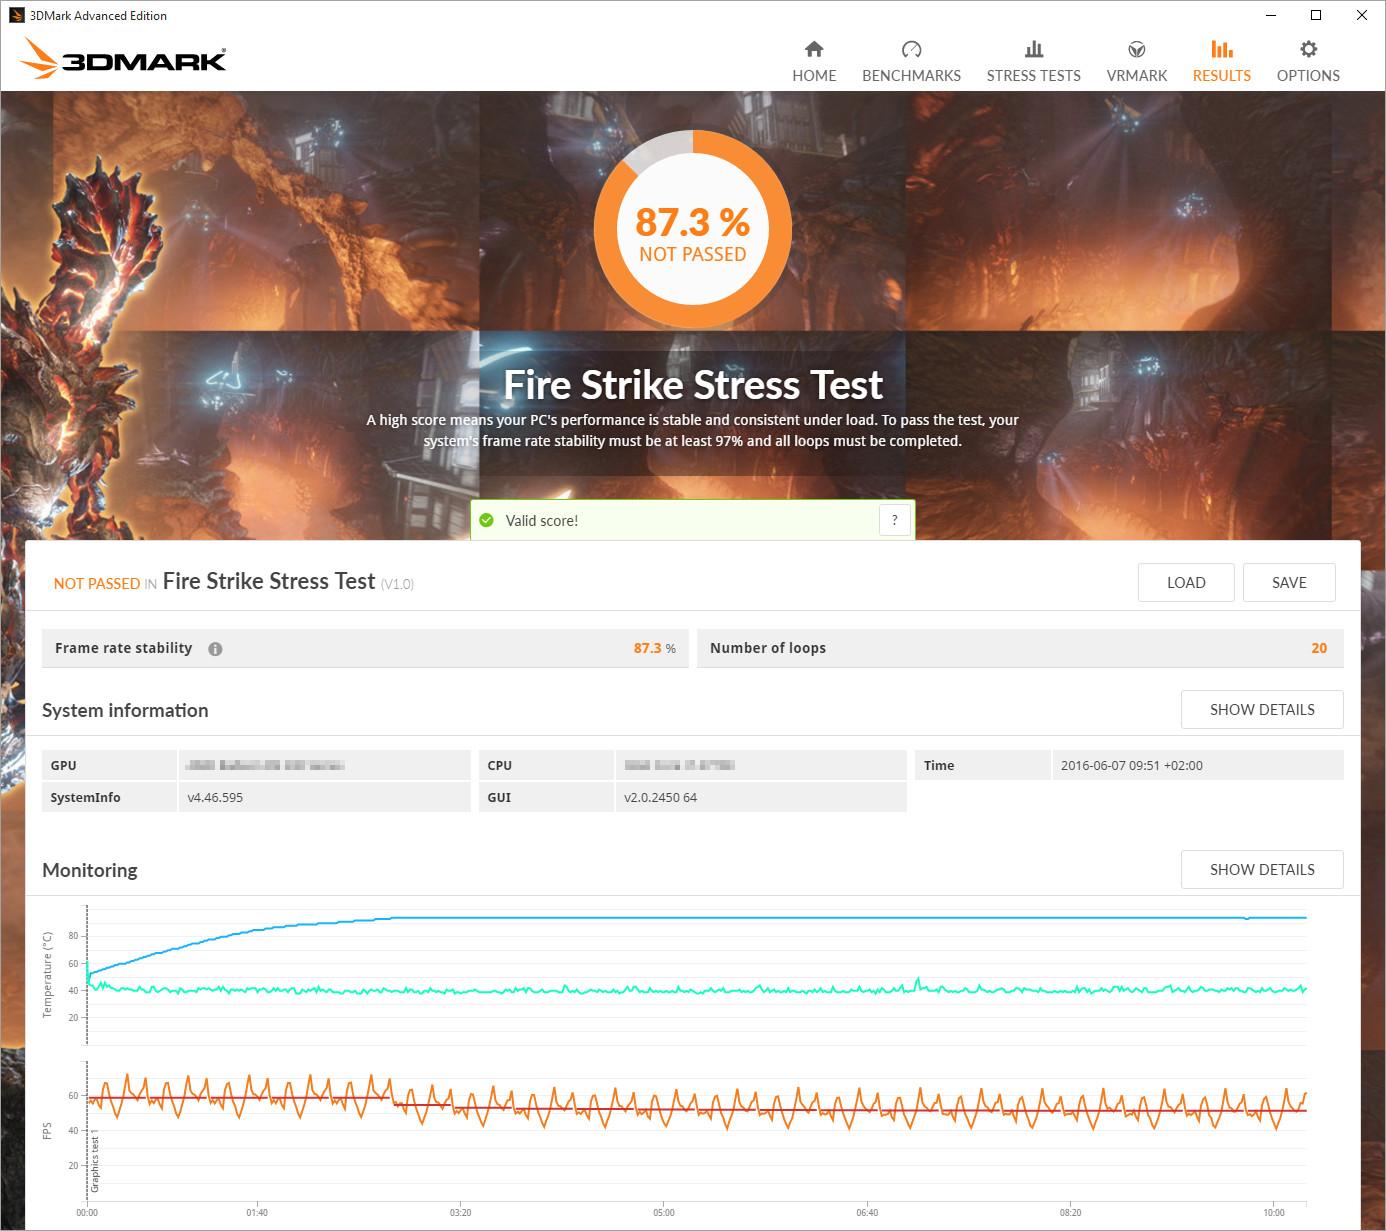 Stress Test Ziekenhuis: Futuremark Voegt Stresstest Toe Aan 3DMark